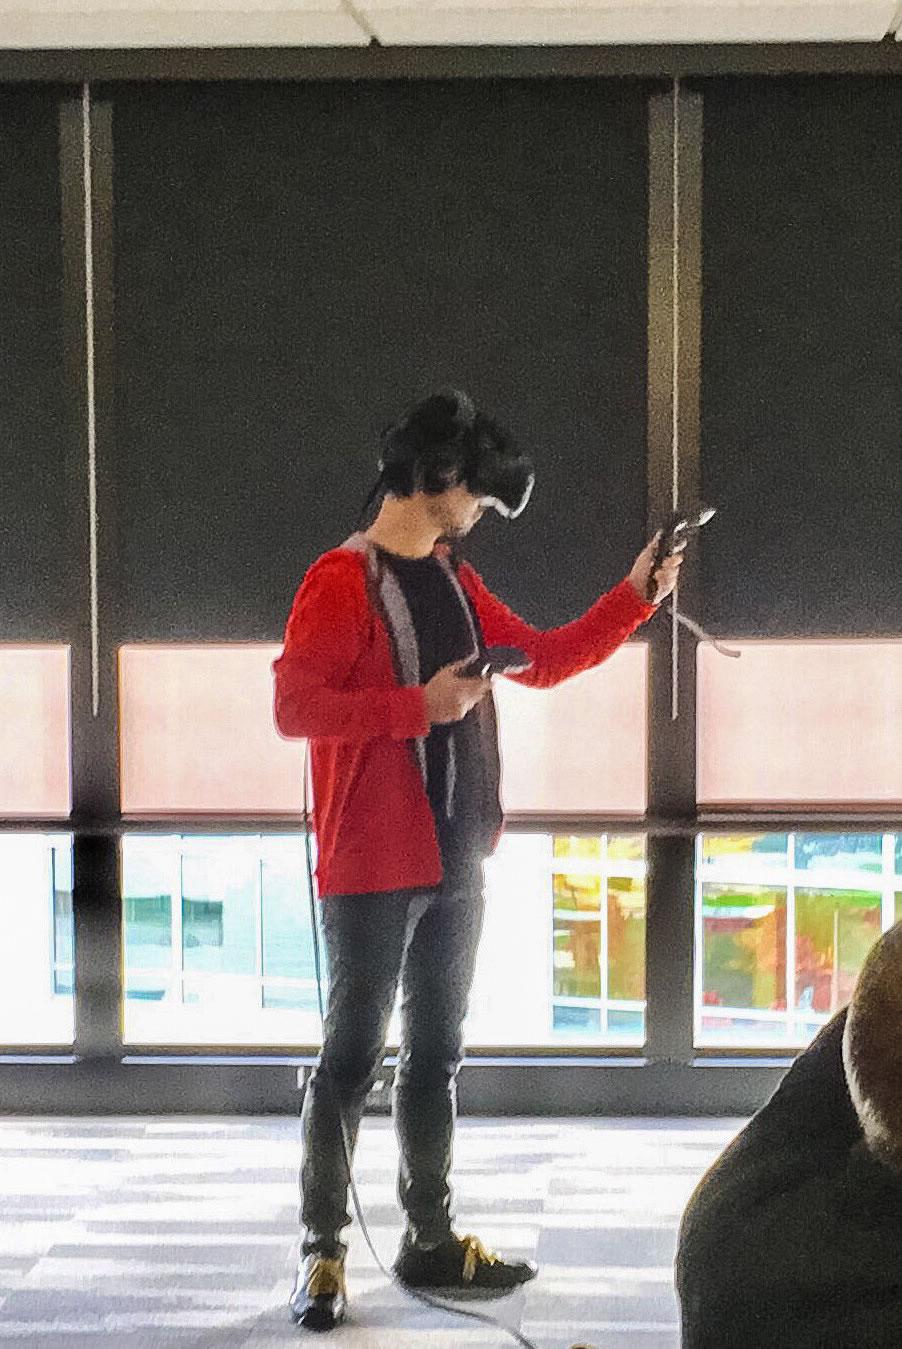 « Hier, j'ai fais l'expérience de la véritable Réalité Virtuelle et du barbecue américain traditionnel. » – Hideo Kojima, le 19 octobre 2016